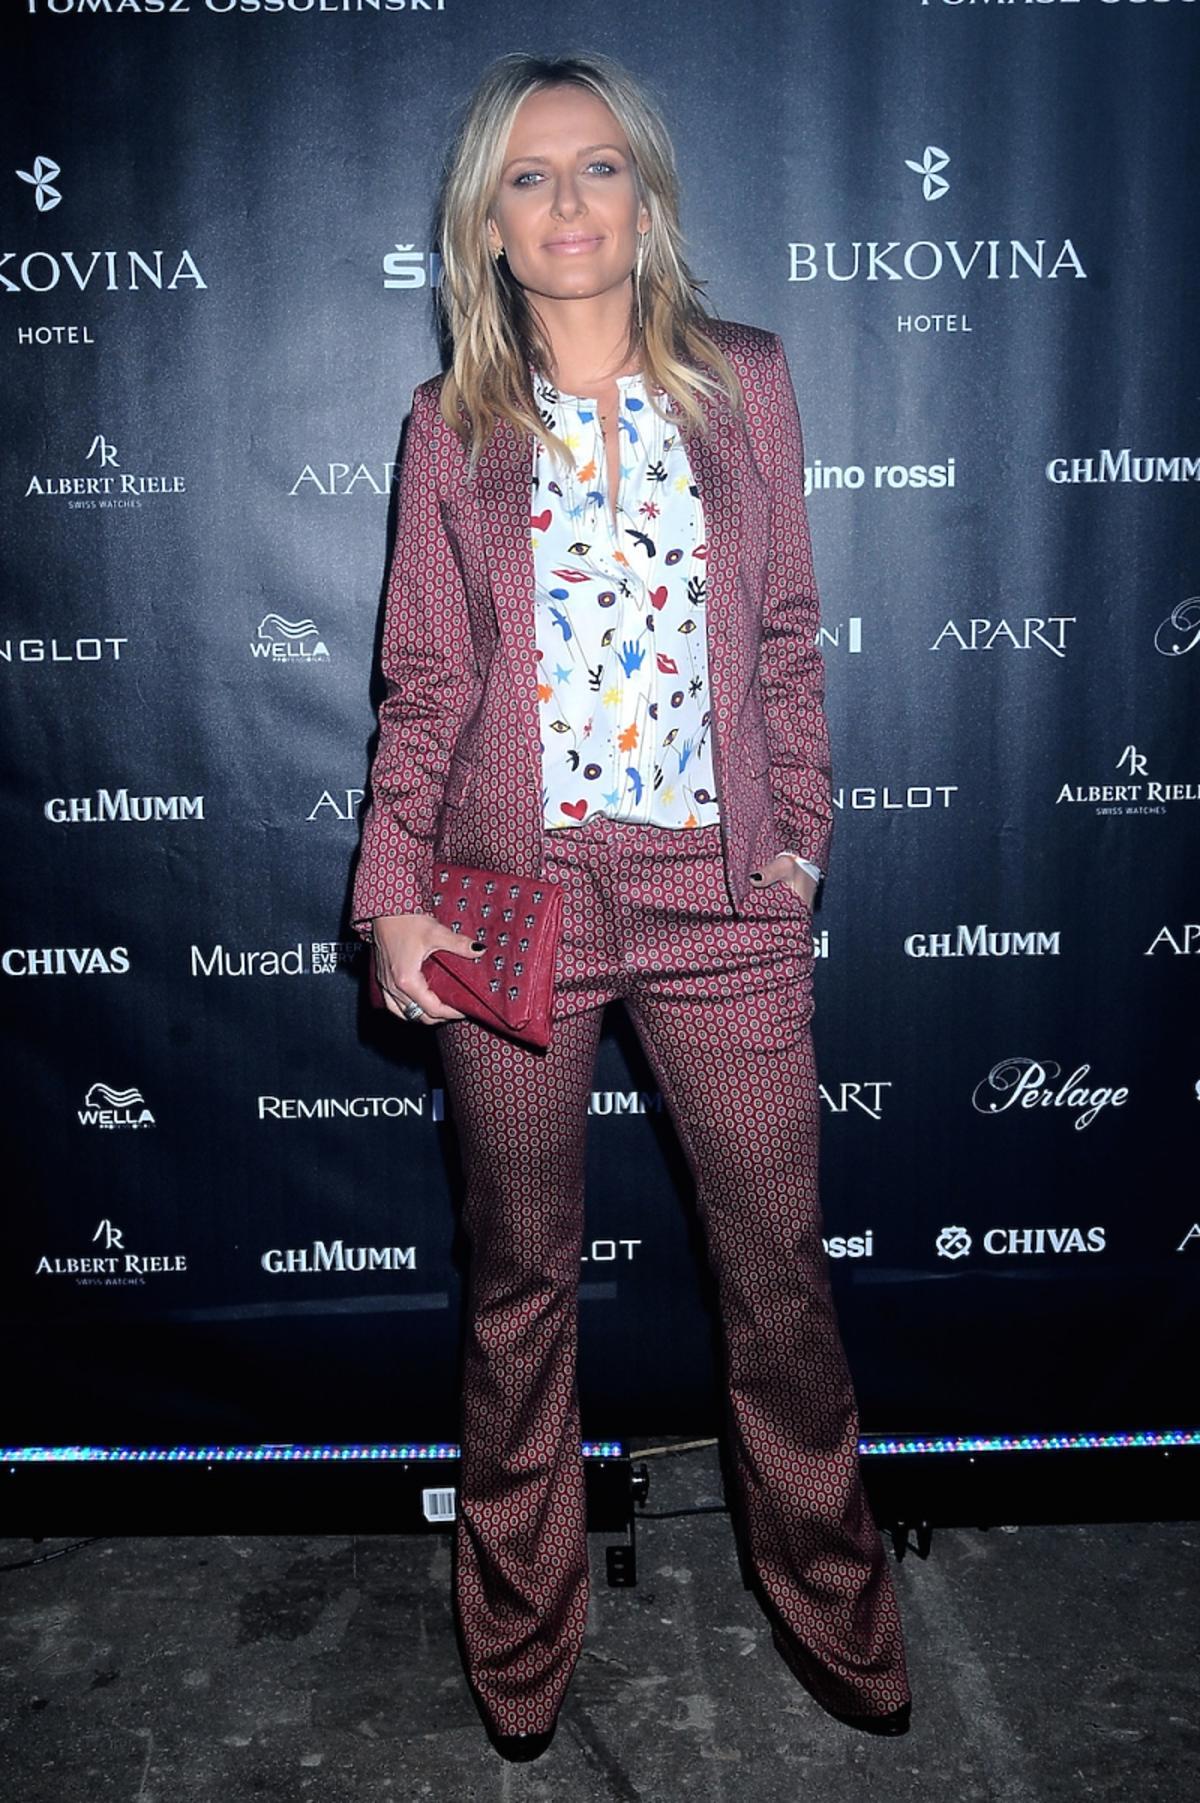 Patrycja Markowska w garniturze w printy i bluzce w kolorowe nadruki